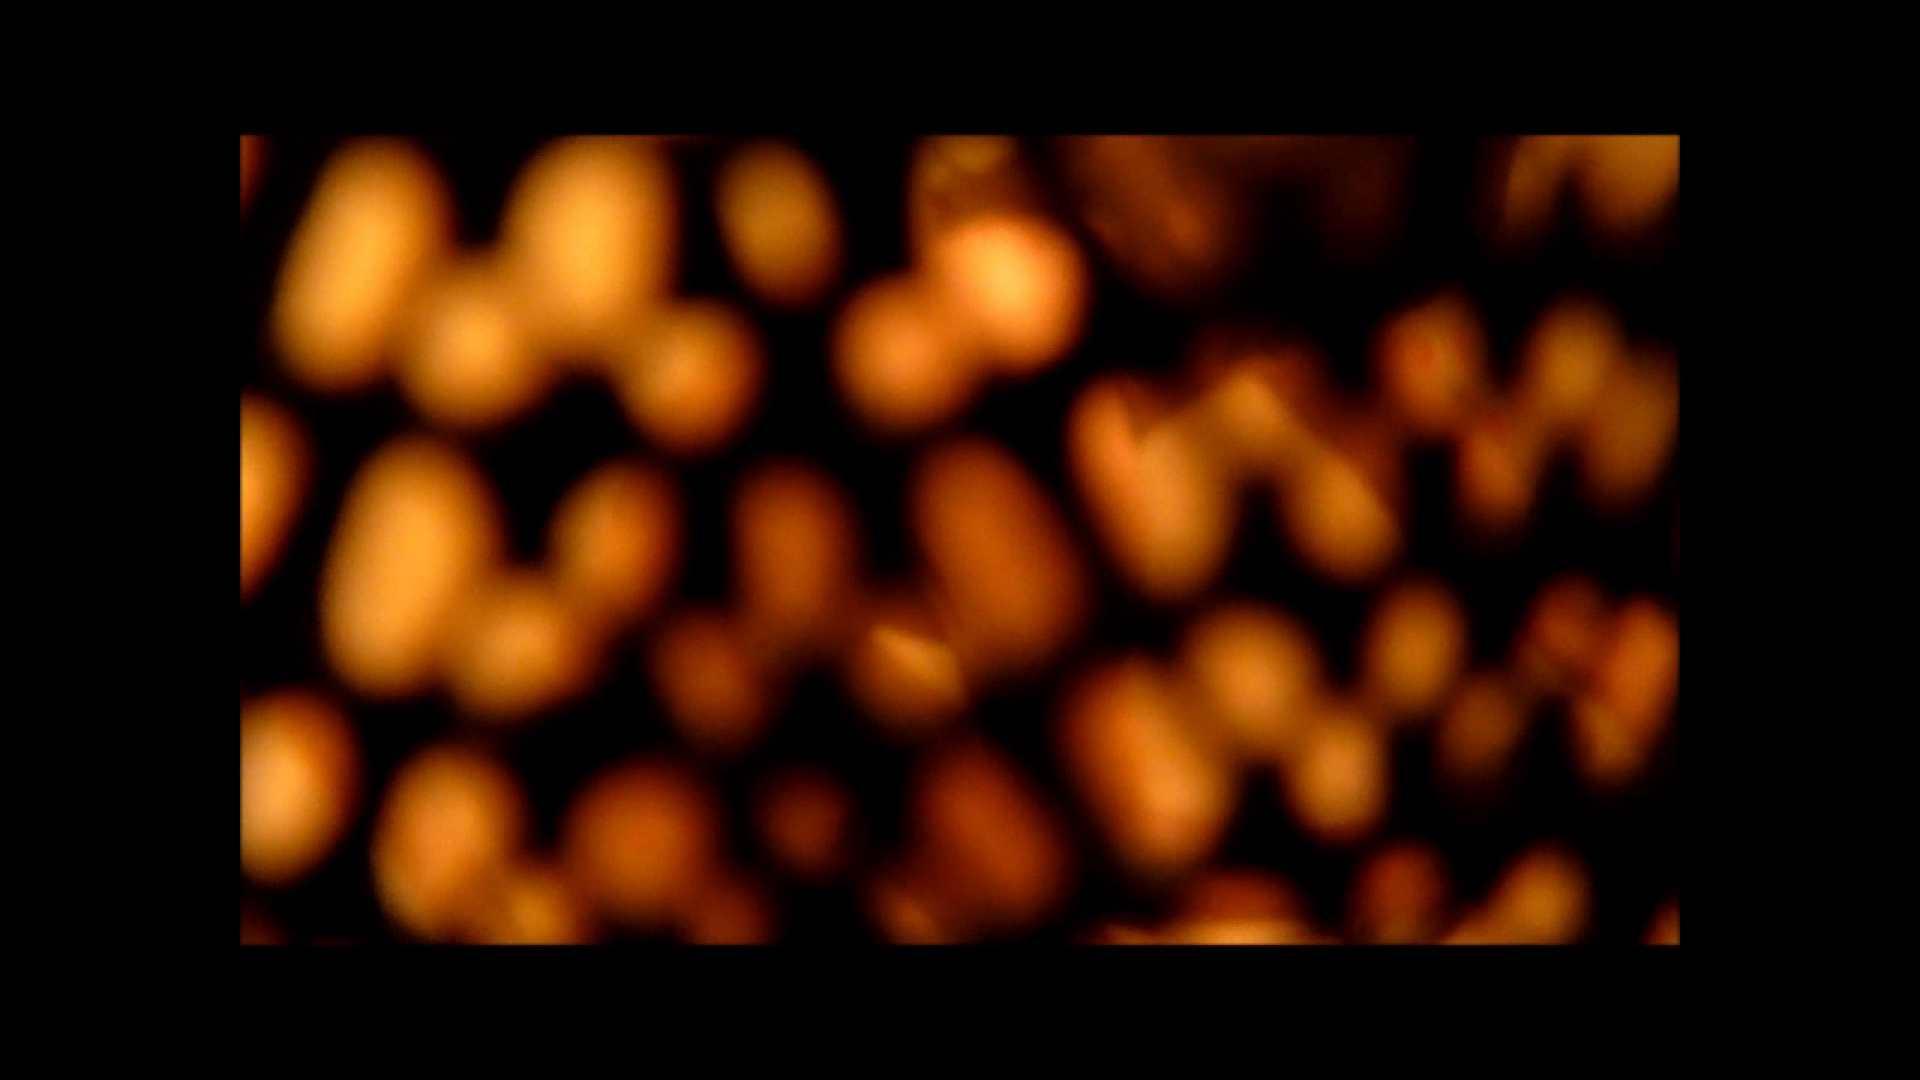 【02】ベランダに侵入して張り込みを始めて・・・やっと結果が出ました。 マンコ特集 | オマンコ丸見え  25連発 11